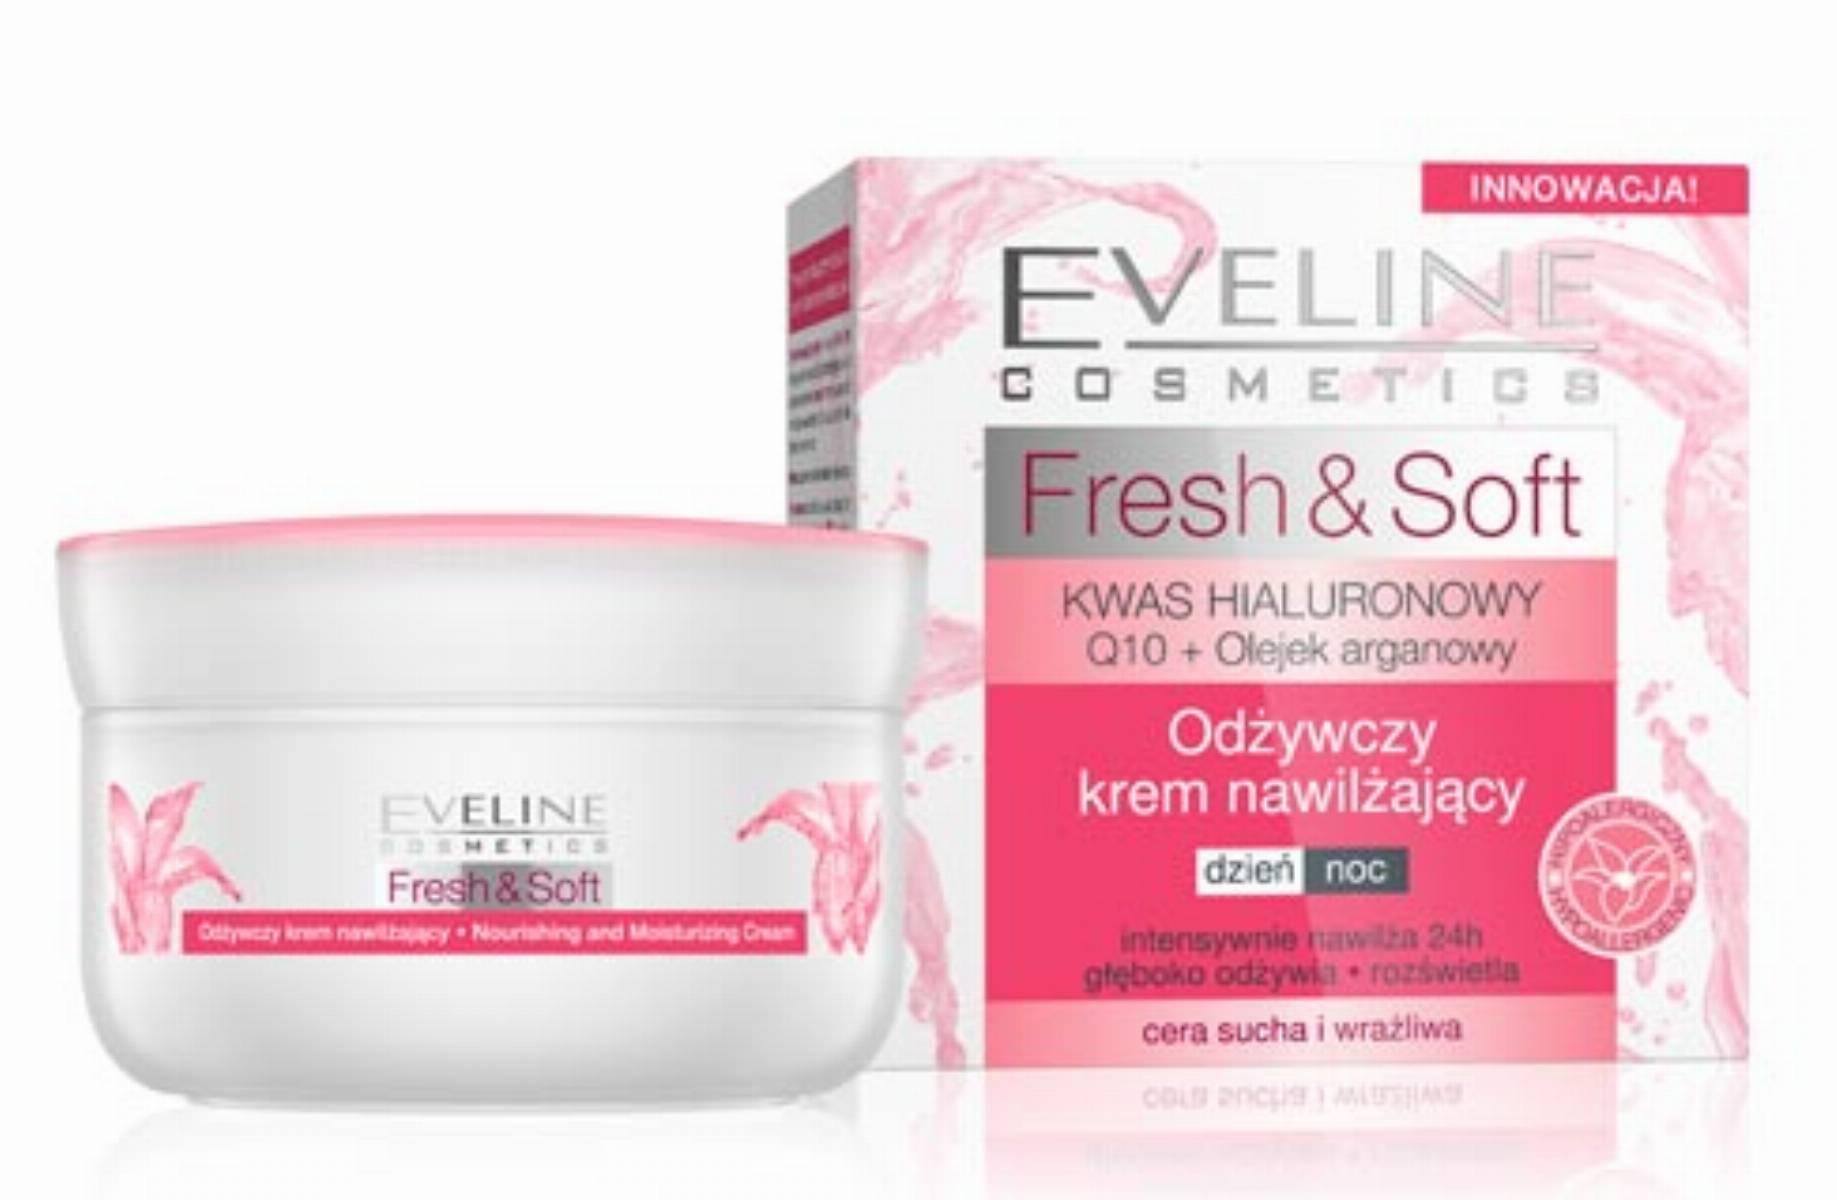 Eveline Fresh & Soft - krem odżywczo nawilżający